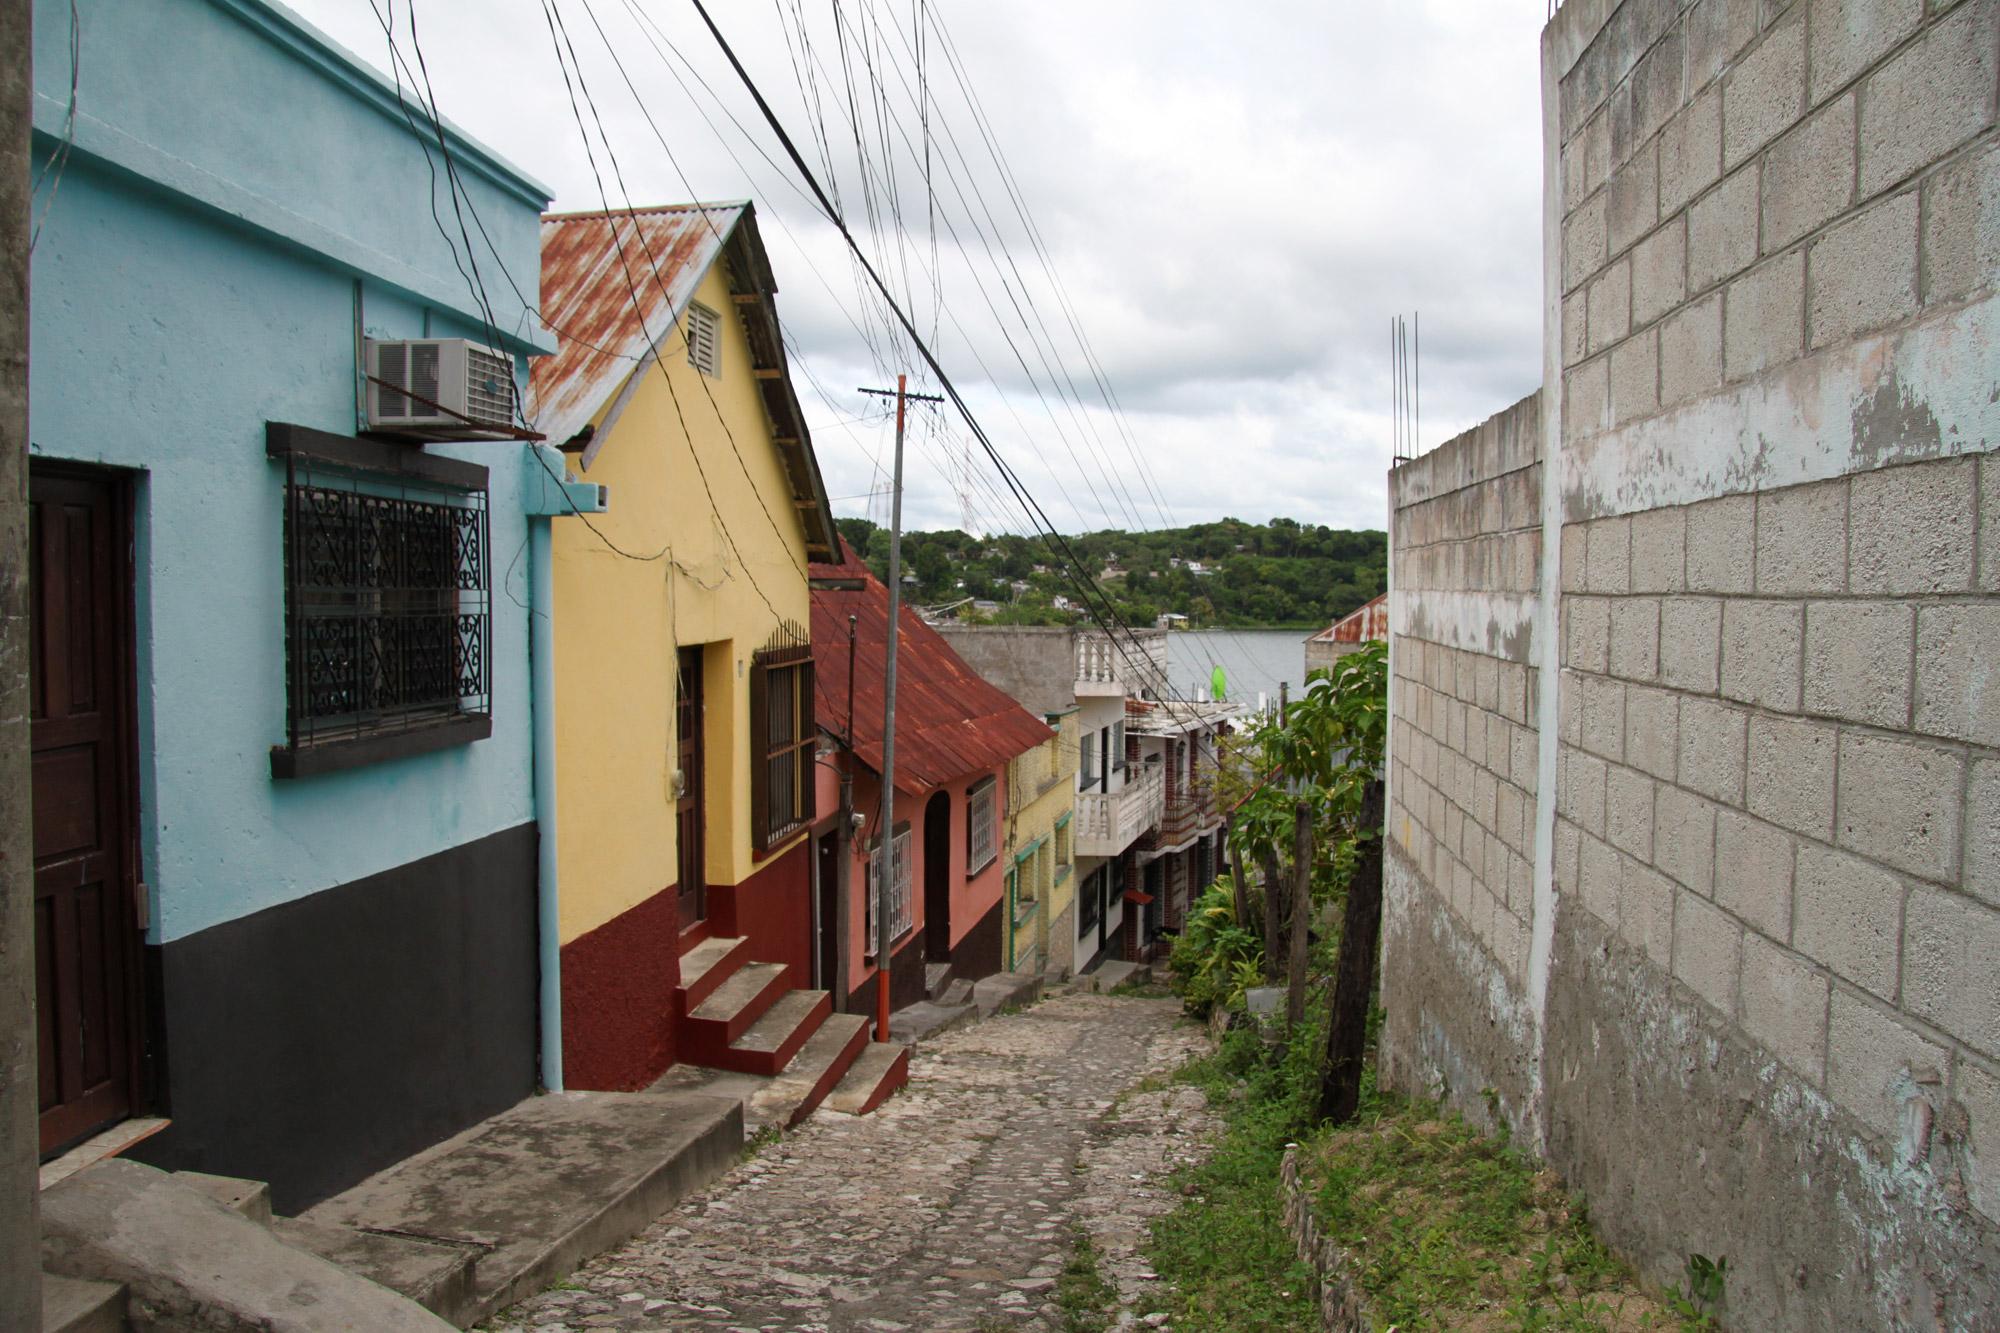 Guatemala 2015 - dag 9 - Het straatbeeld van Flores